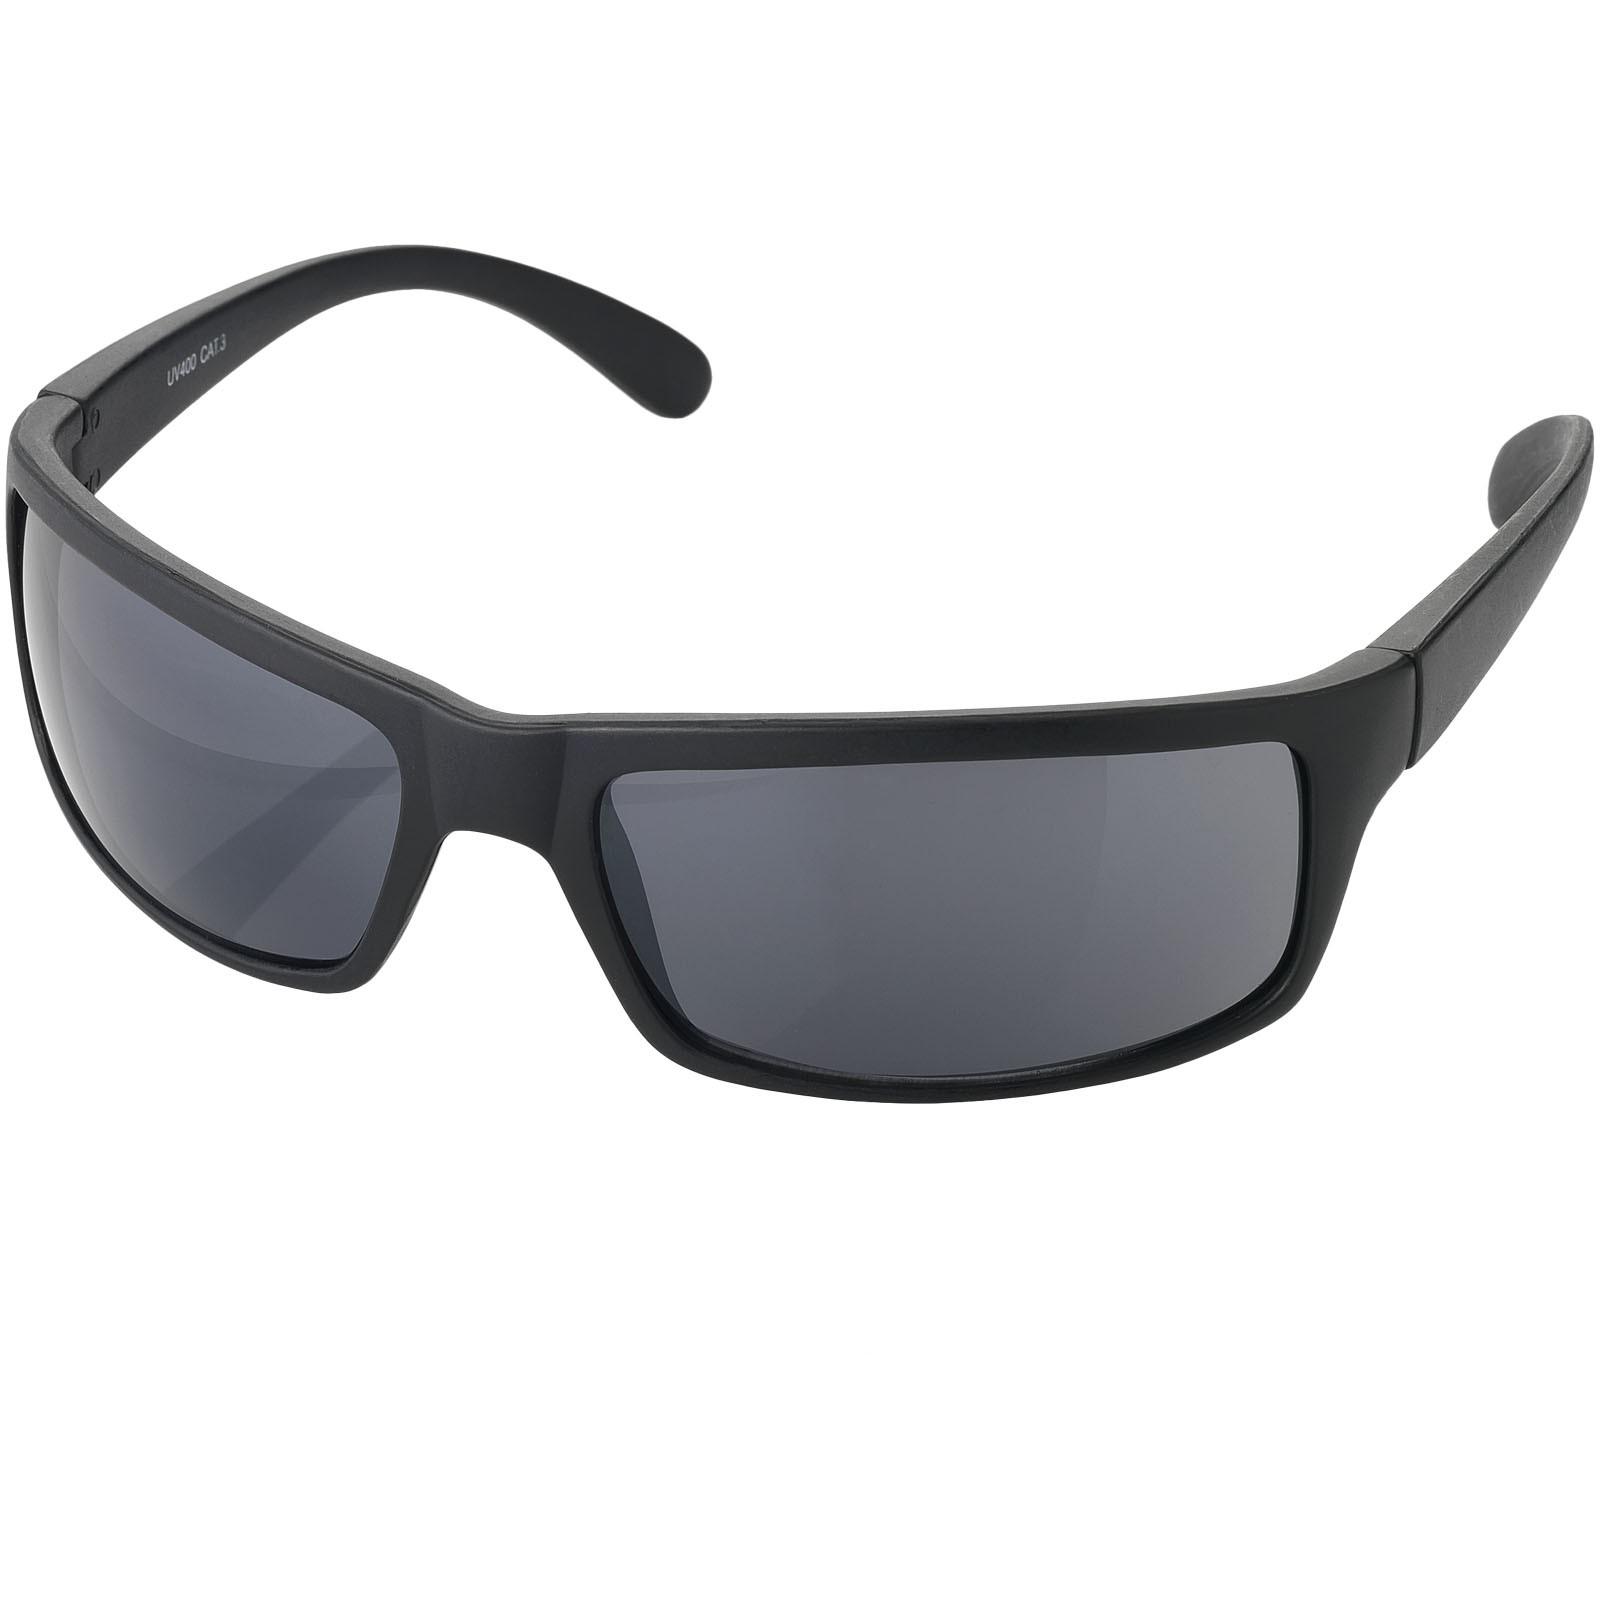 Sluneční brýle Sturdy - Černá